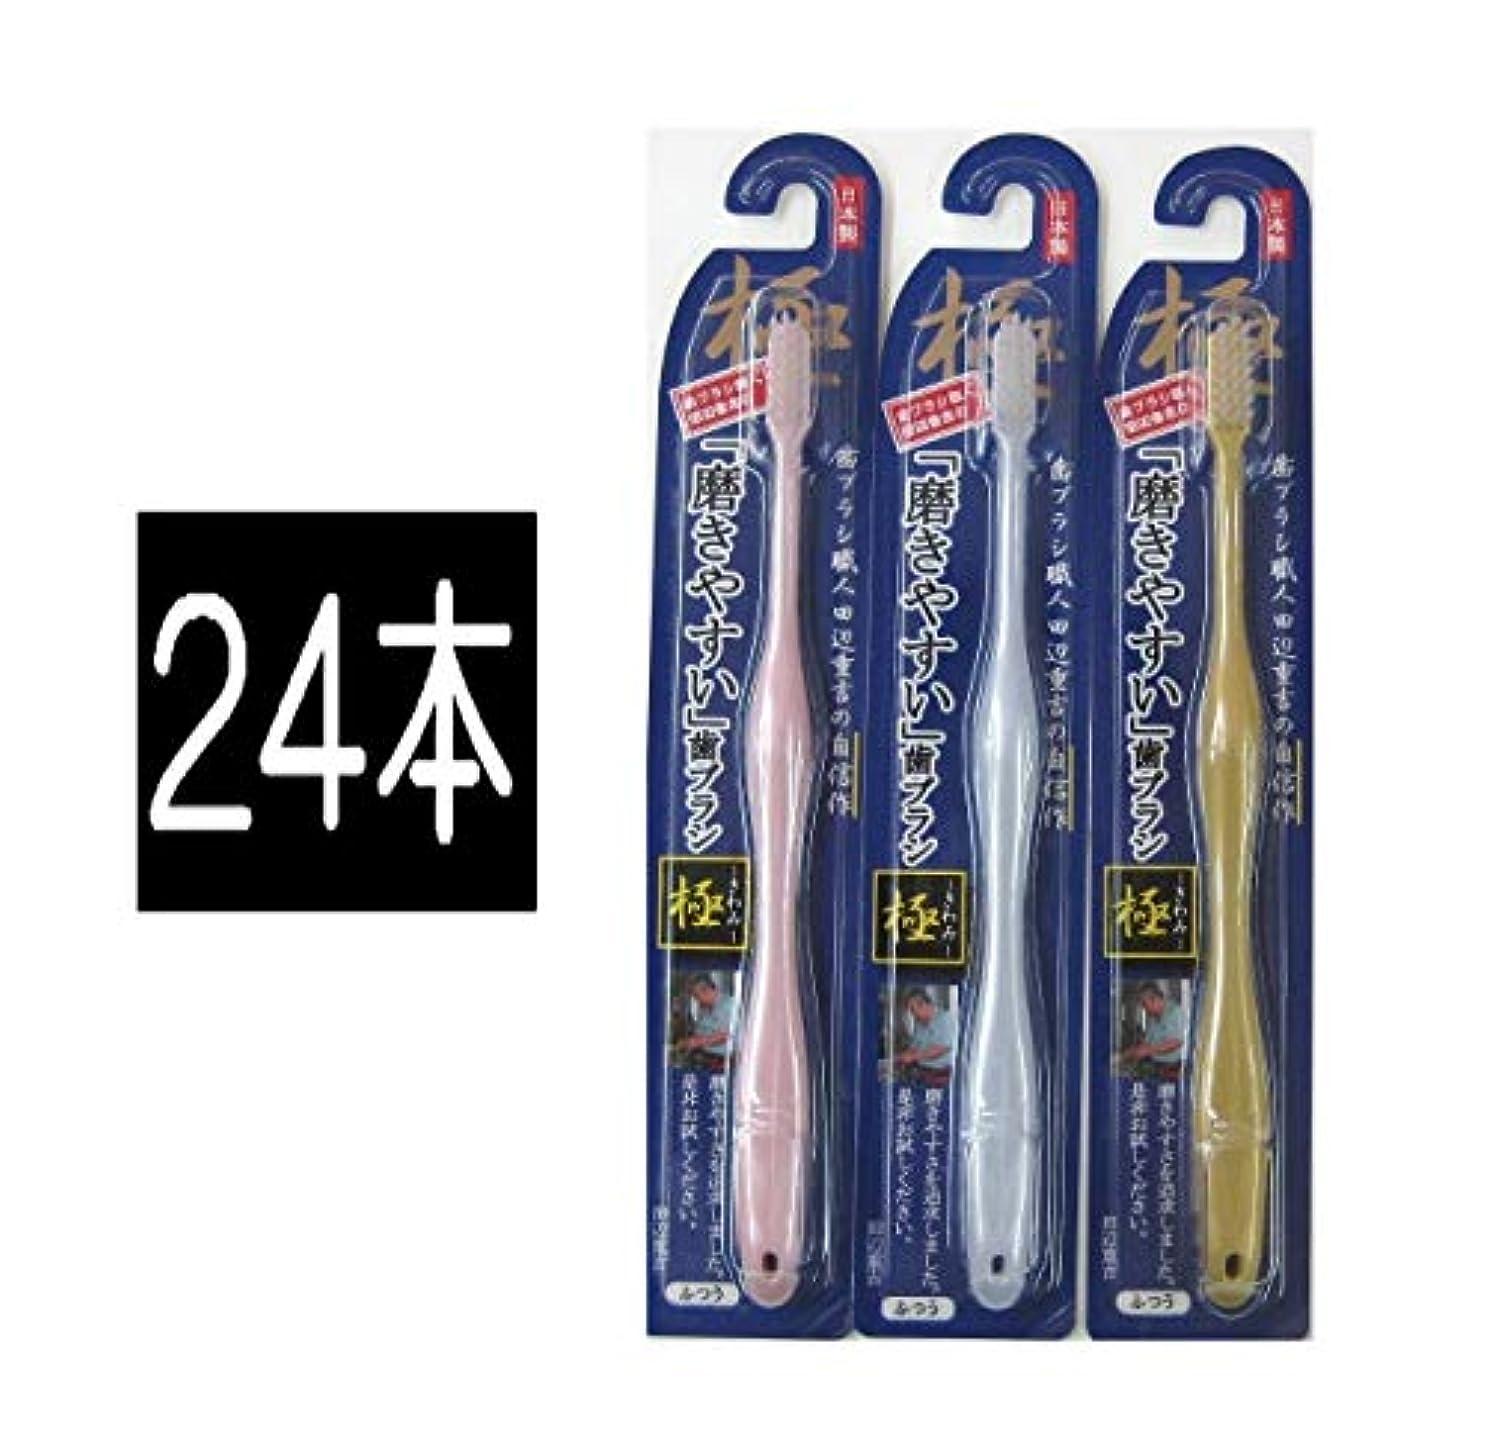 シアーねばねばメイト歯ブラシ職人 田辺重吉の磨きやすい歯ブラシ 極 LT-09 (24本)